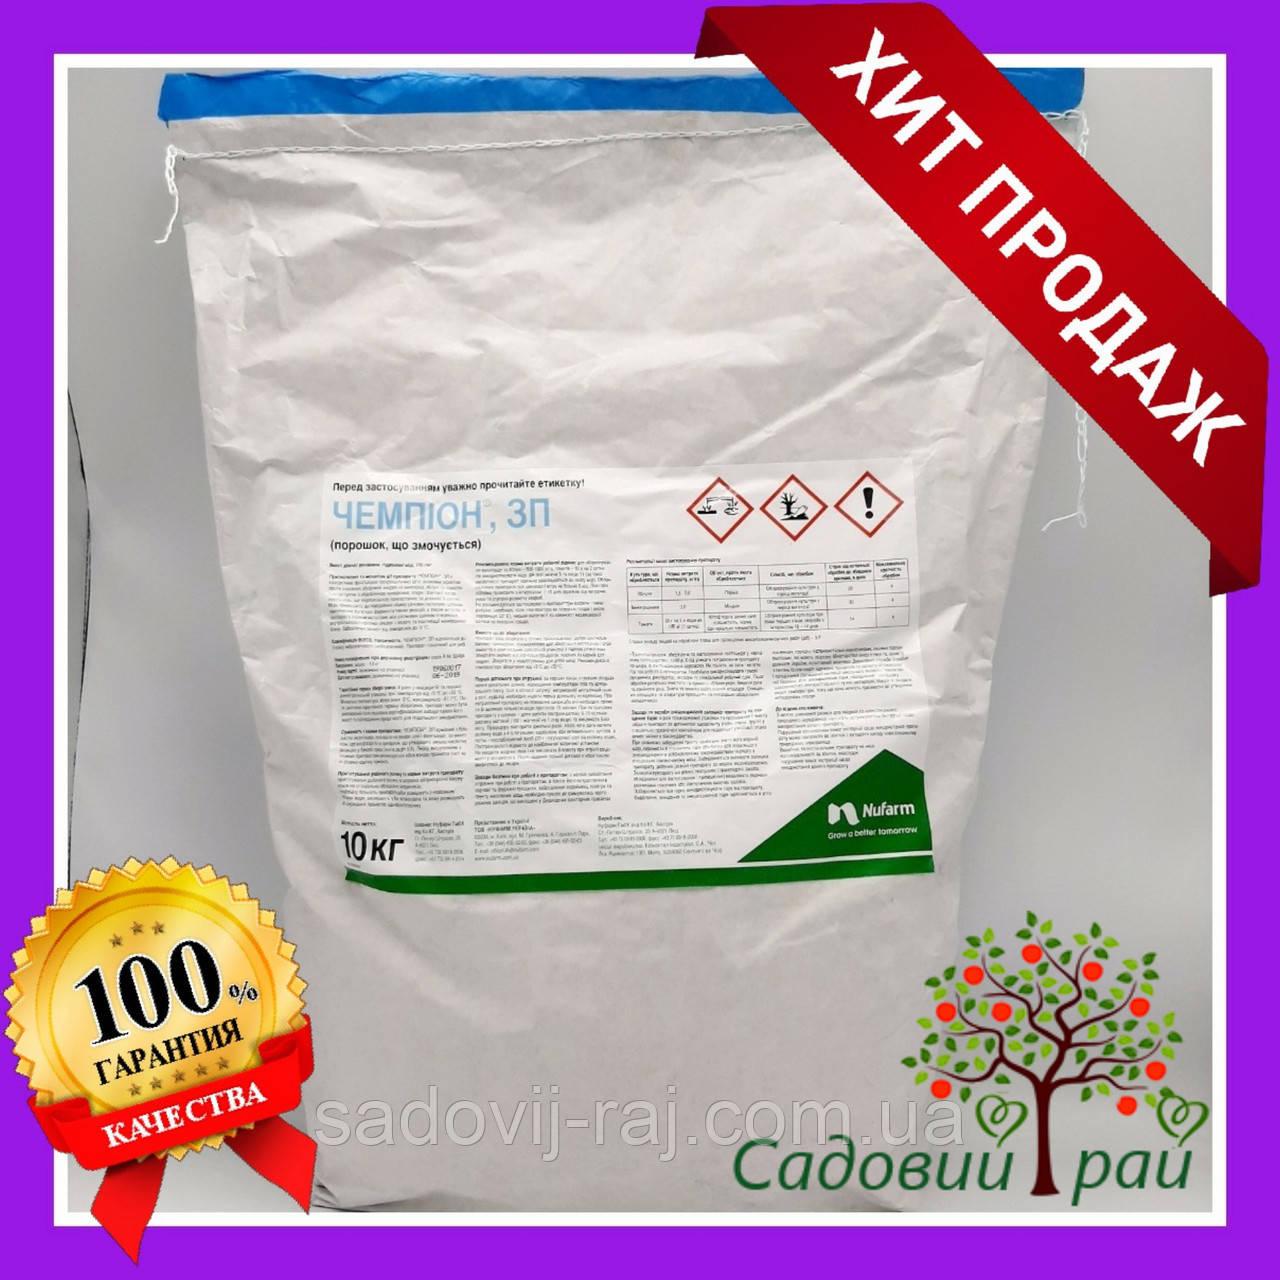 Фунгіцид Чемпіон, Nufarm 10кг. медьсодержащій препарат від паршы, фітофторозу, бактеріозів